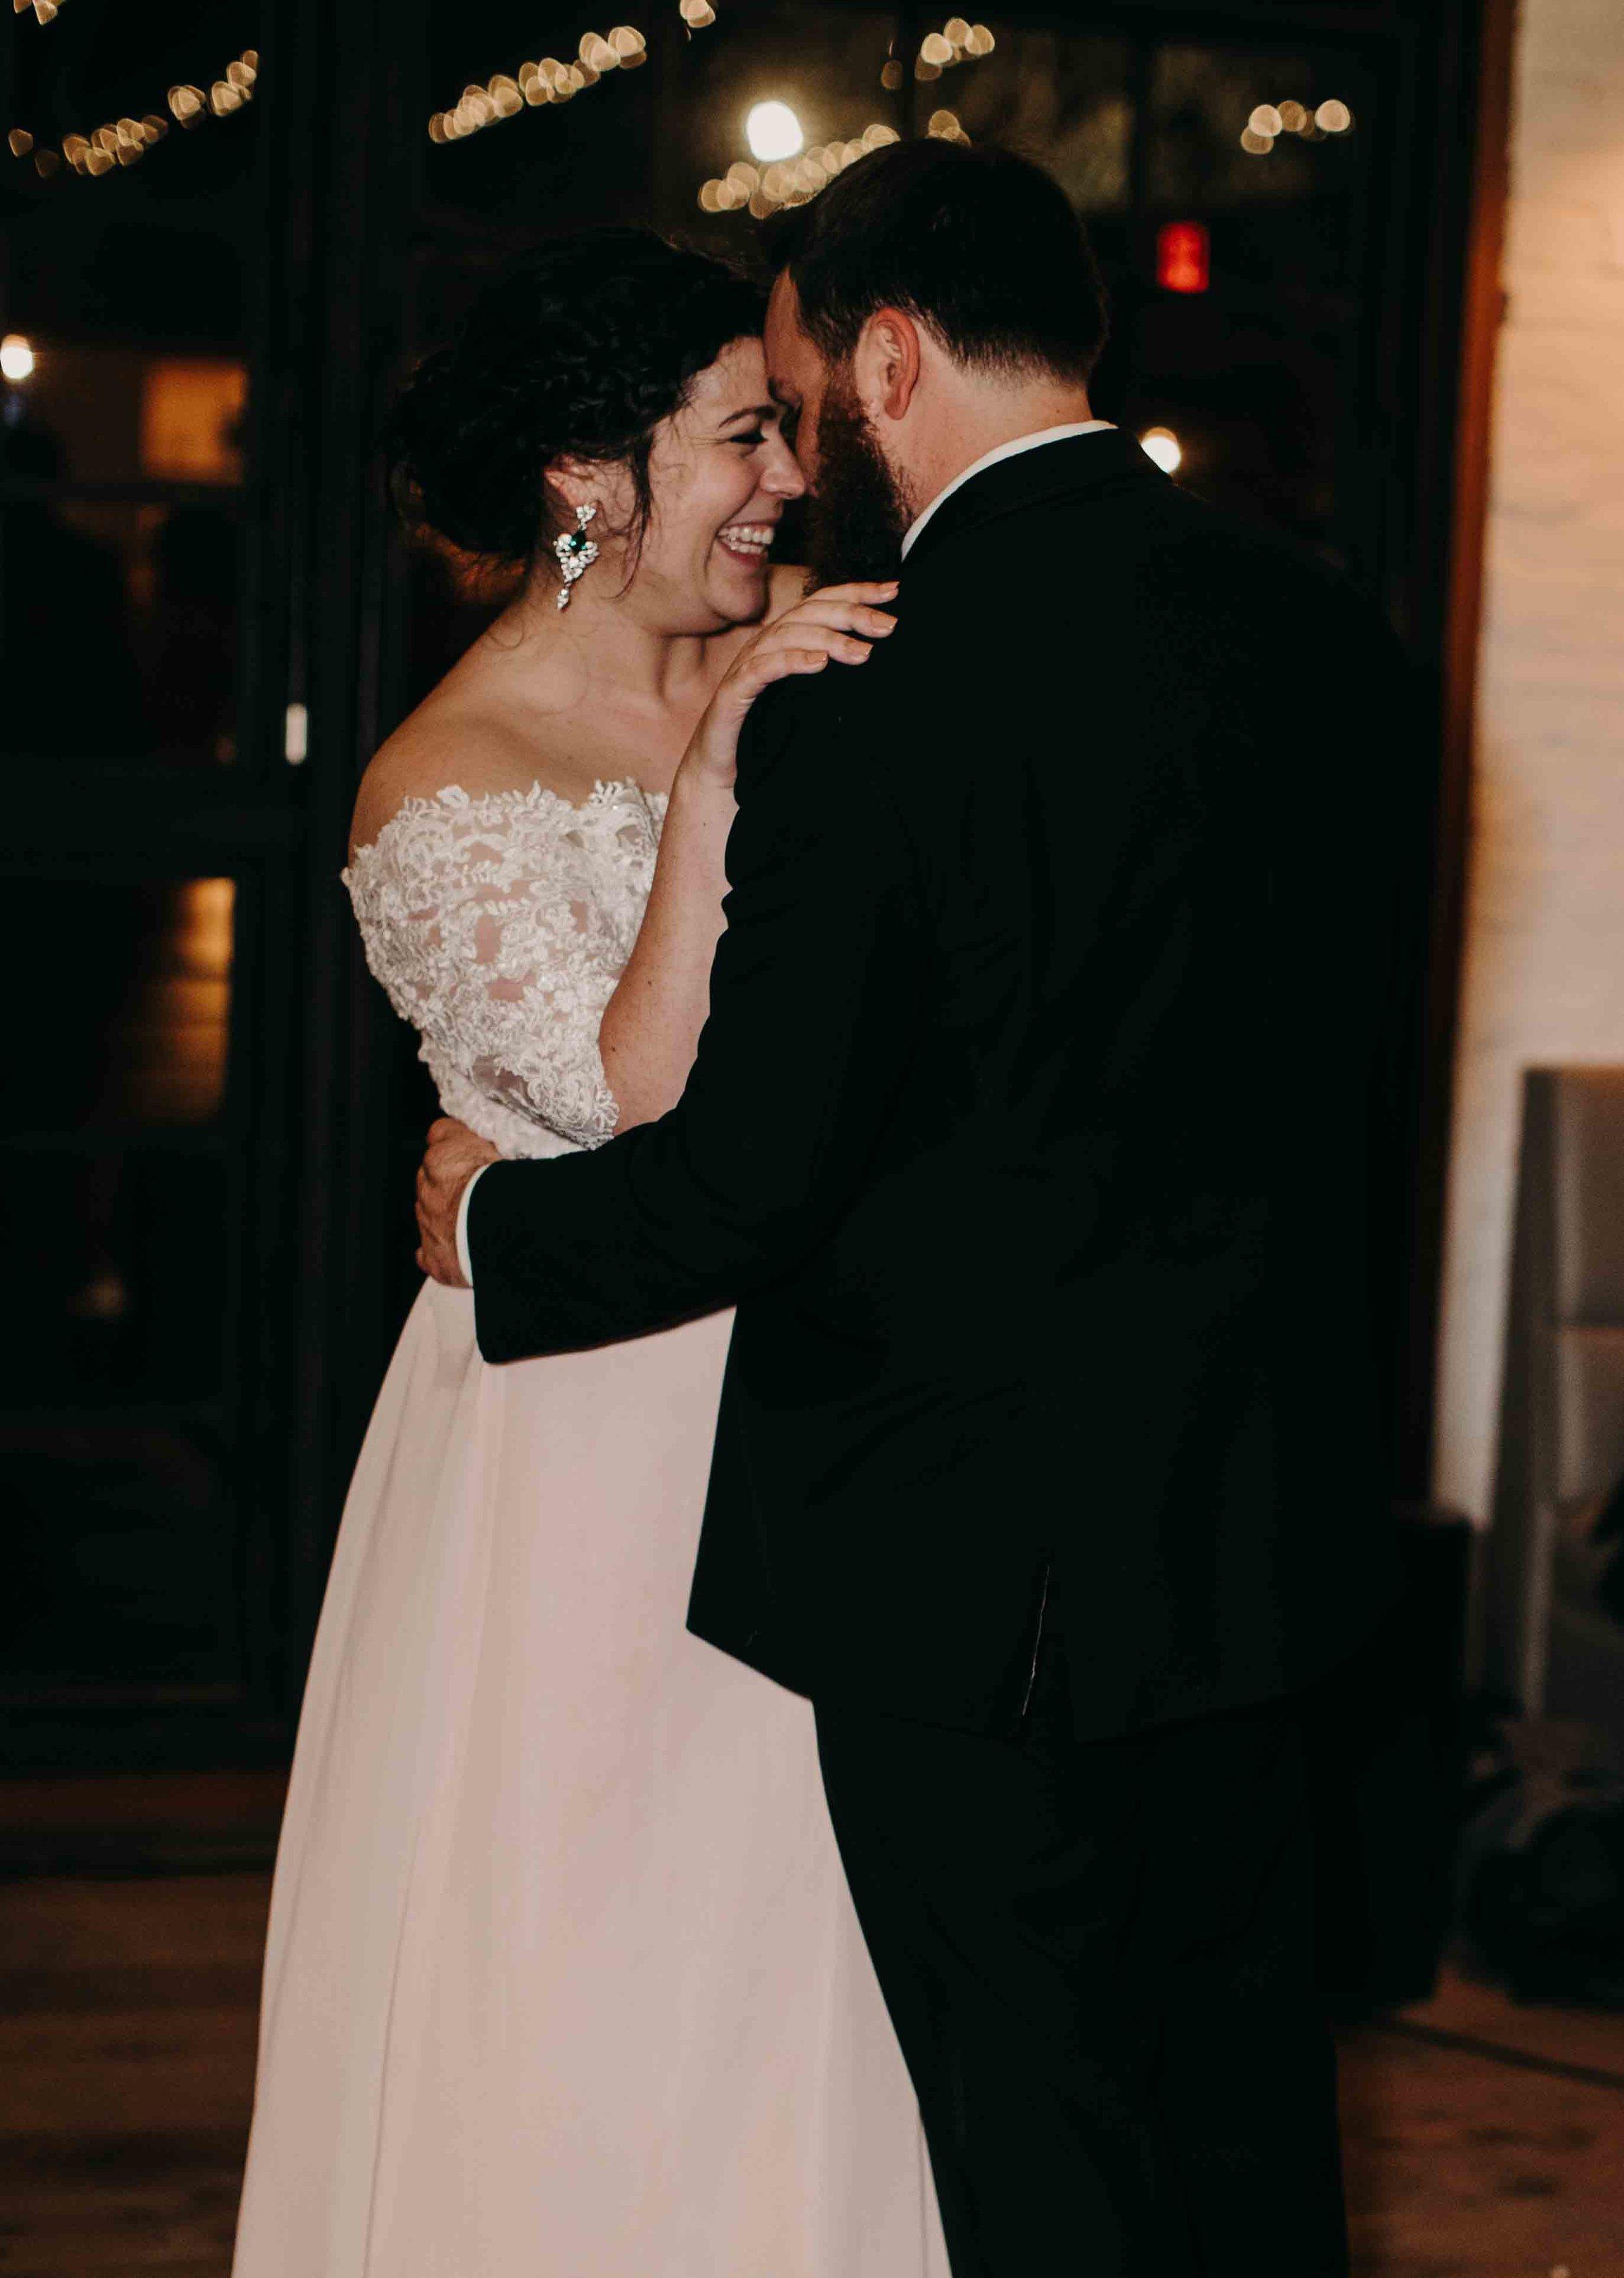 wedding day (27 of 37).jpg